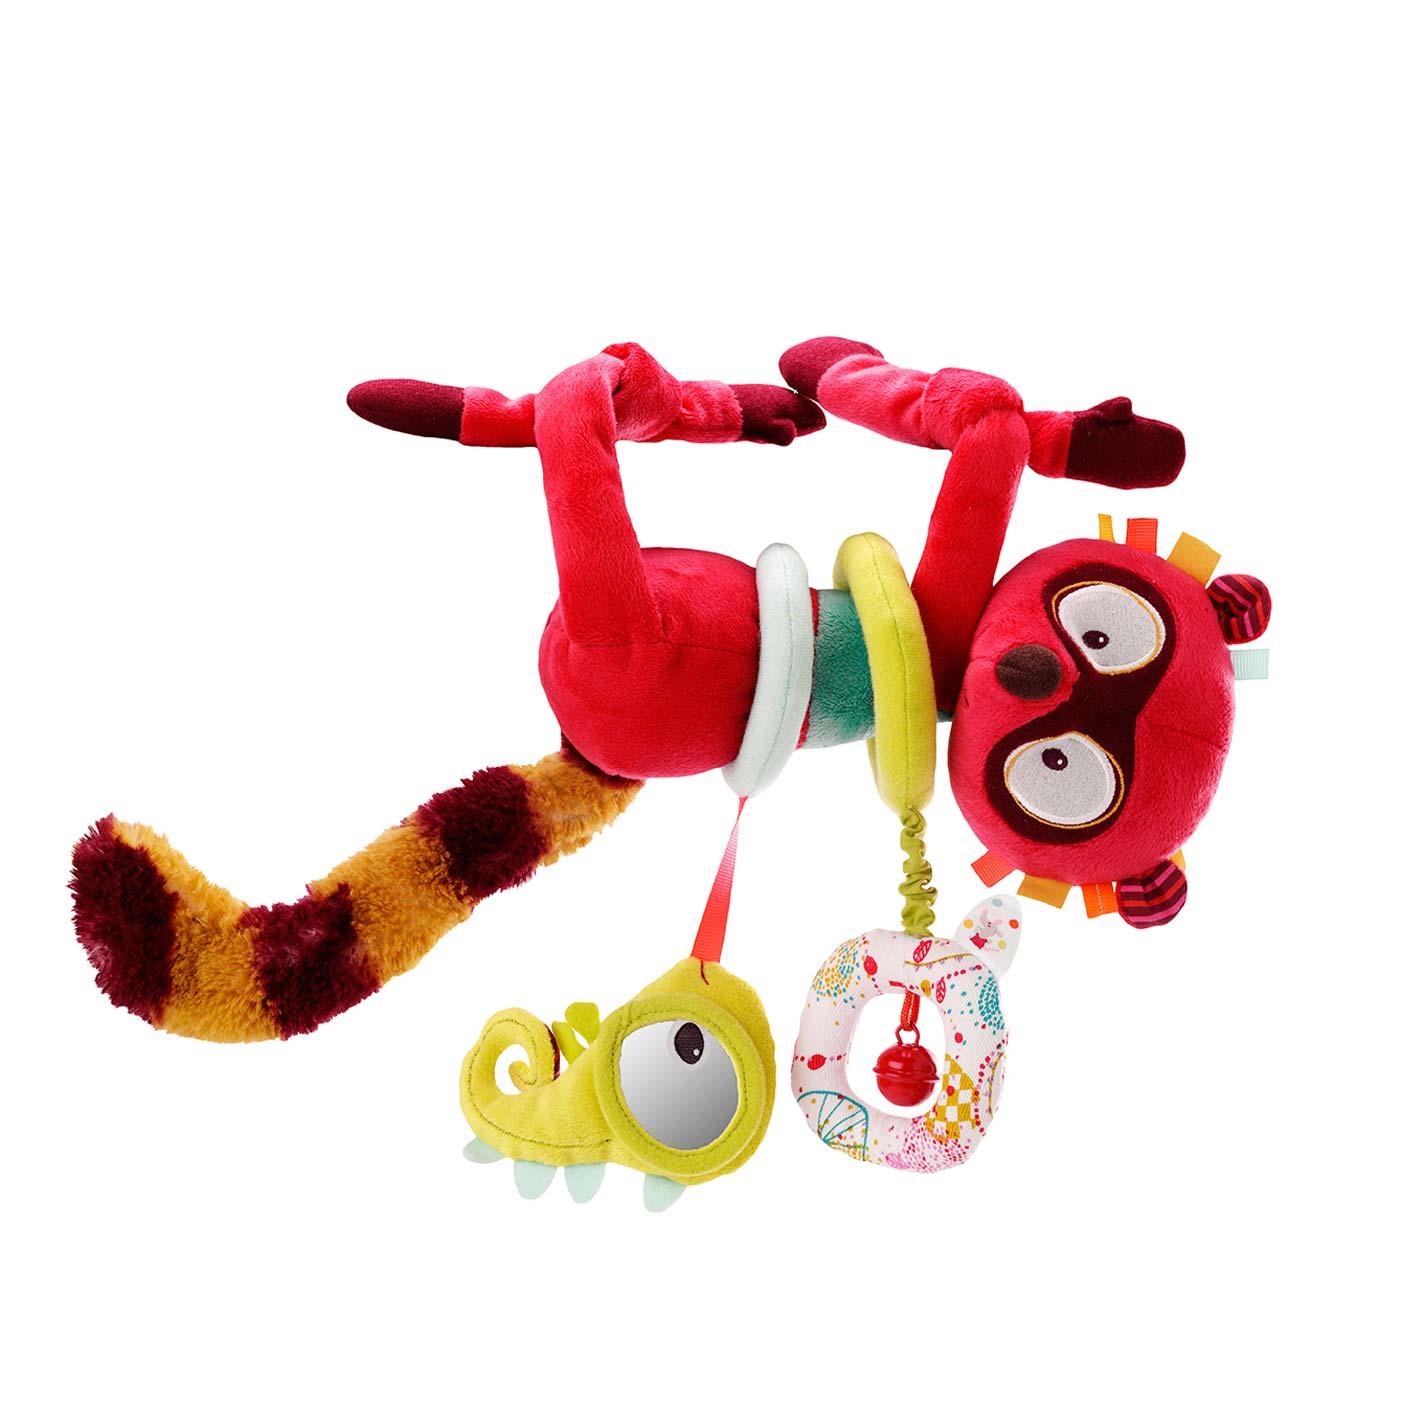 Aktivitätsspielzeug Georges der Lemur